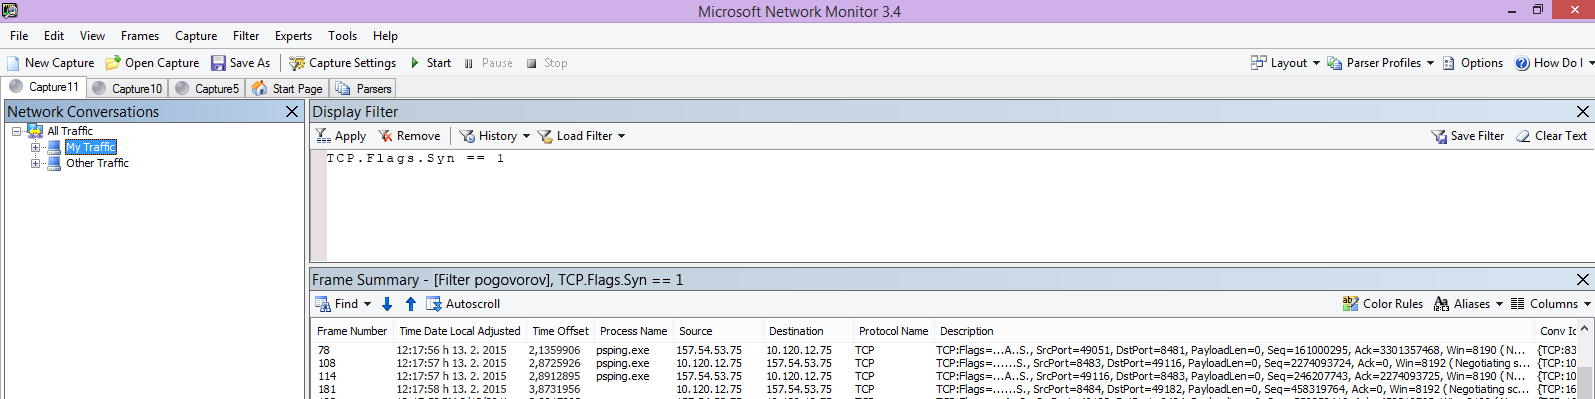 Sledenje Netmon odjemalca, ki prikazuje isti ukaz »PSPing« s filtrom TCP.Flags.Syn == 1.